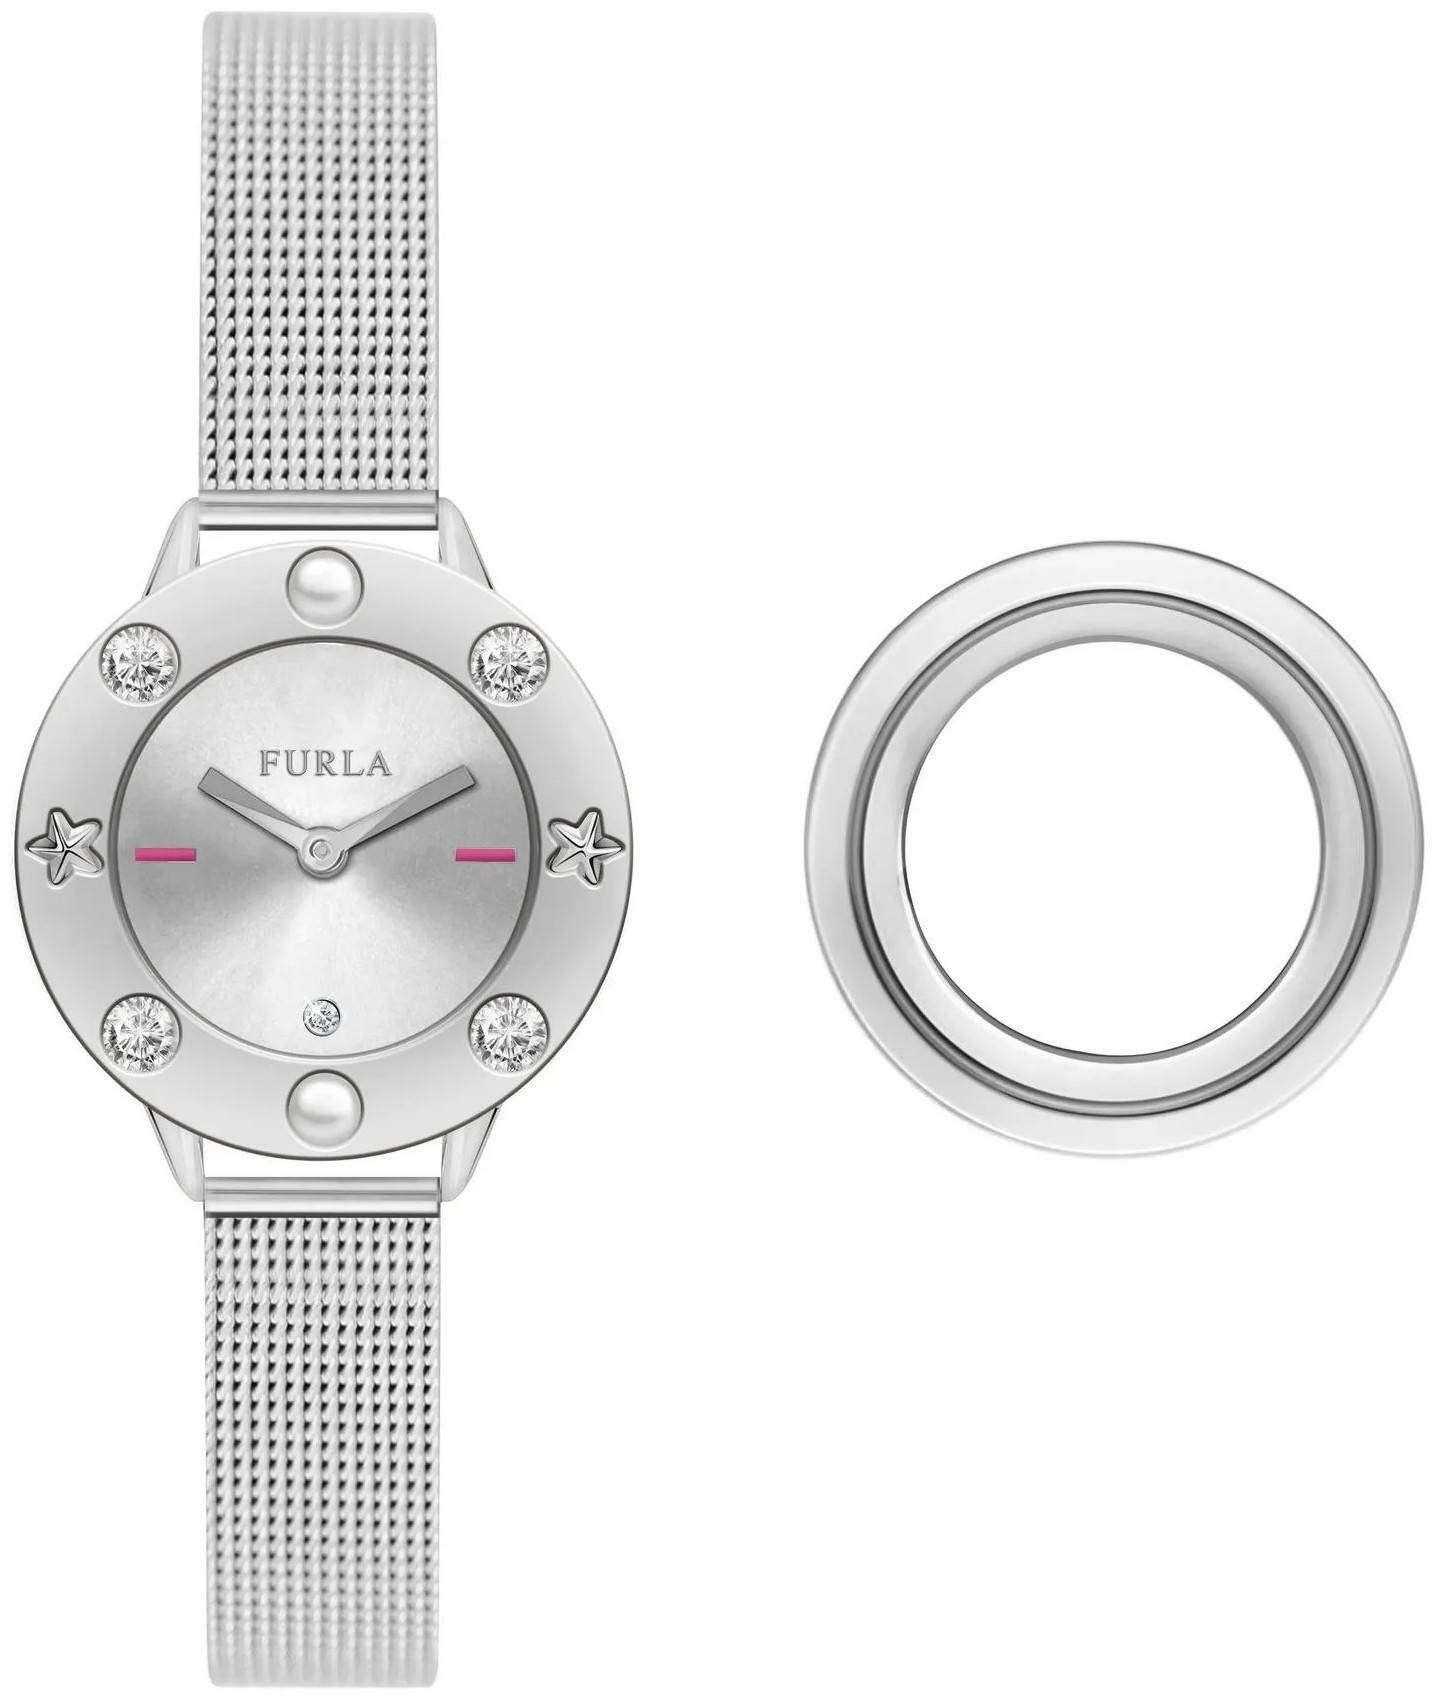 フルラ クラブ R4253109513 クォーツ レディース腕時計